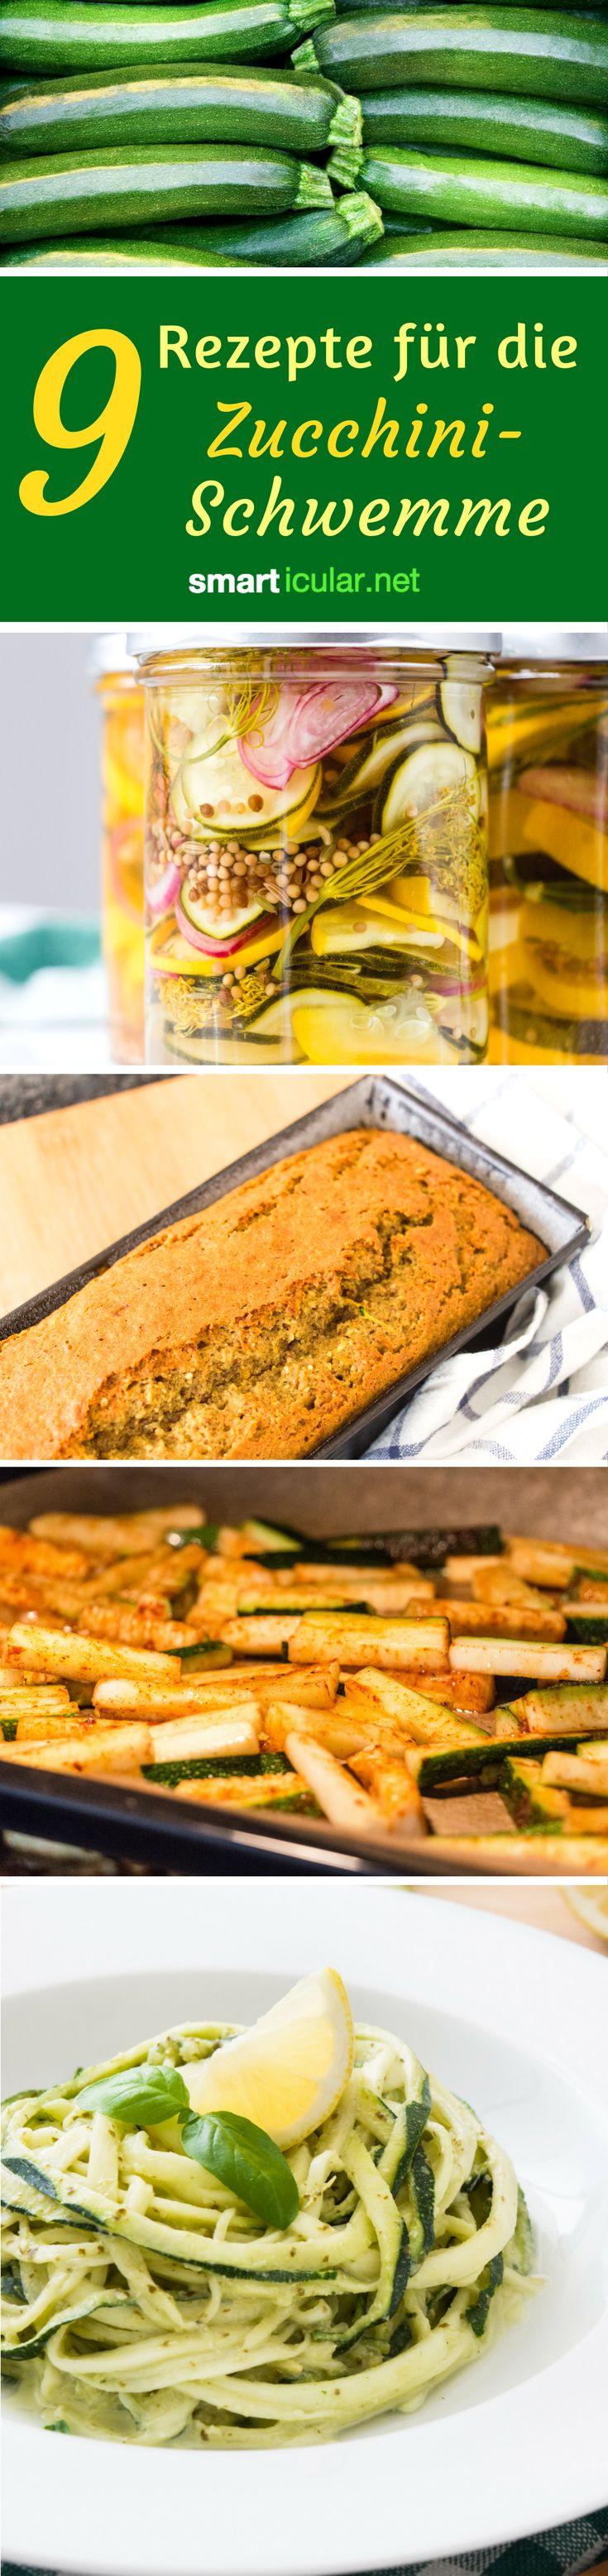 Wenn die Zucchini reif sind, muss innerhalb kurzer Zeit viel Gemüse verarbeitet werden. Diese Rezepte für Pommes, Salat, Spaghetti und Kuchen aus Zucchini bringen Abwechslung!